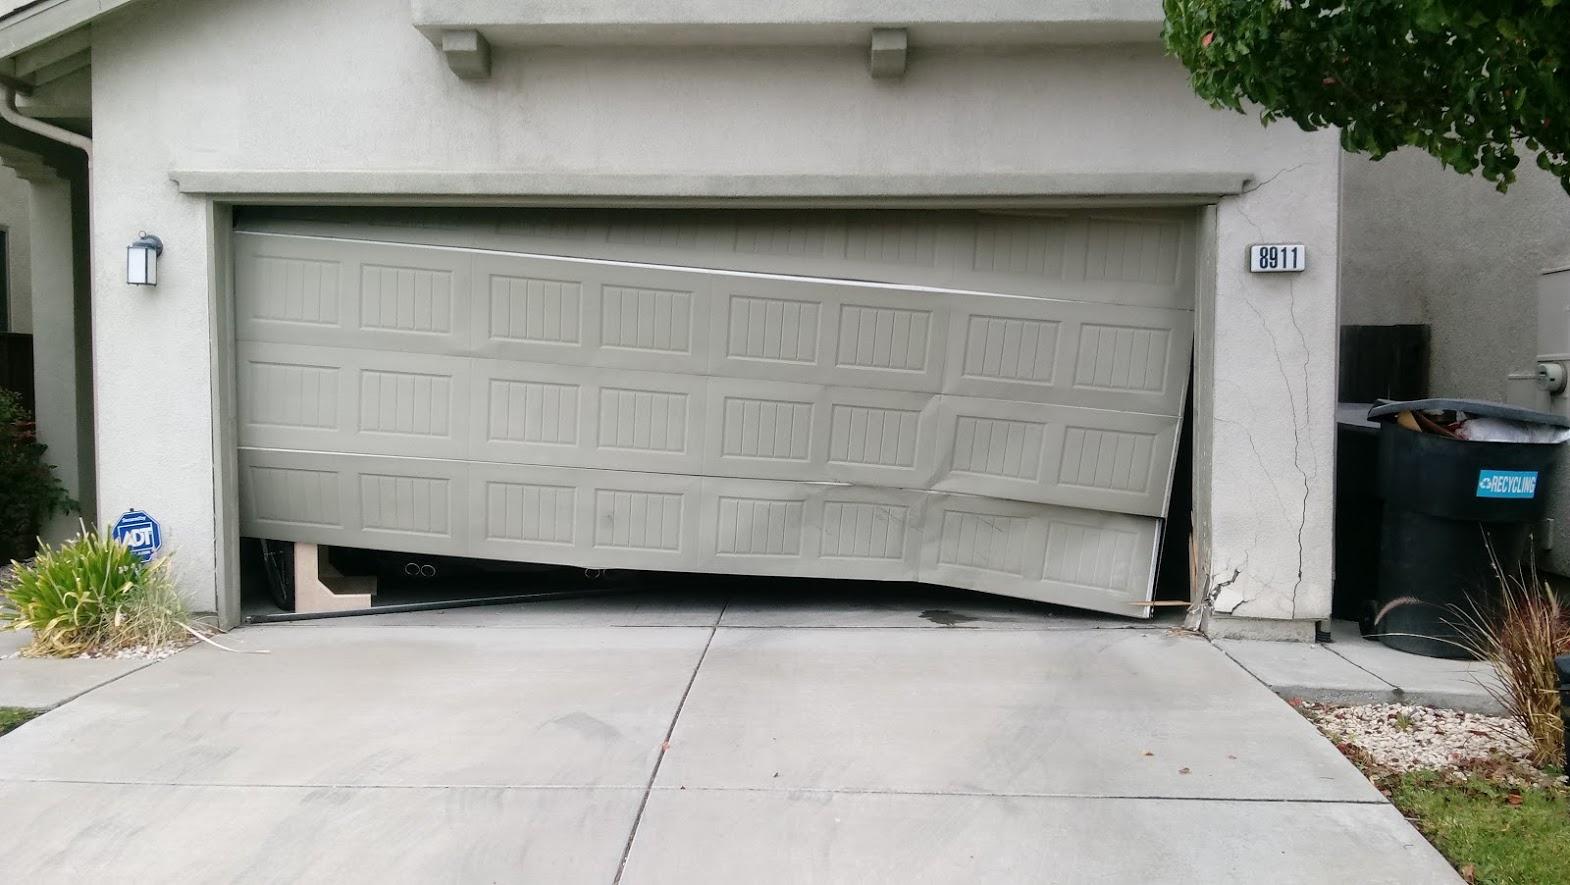 GR8 Garage Door image 54